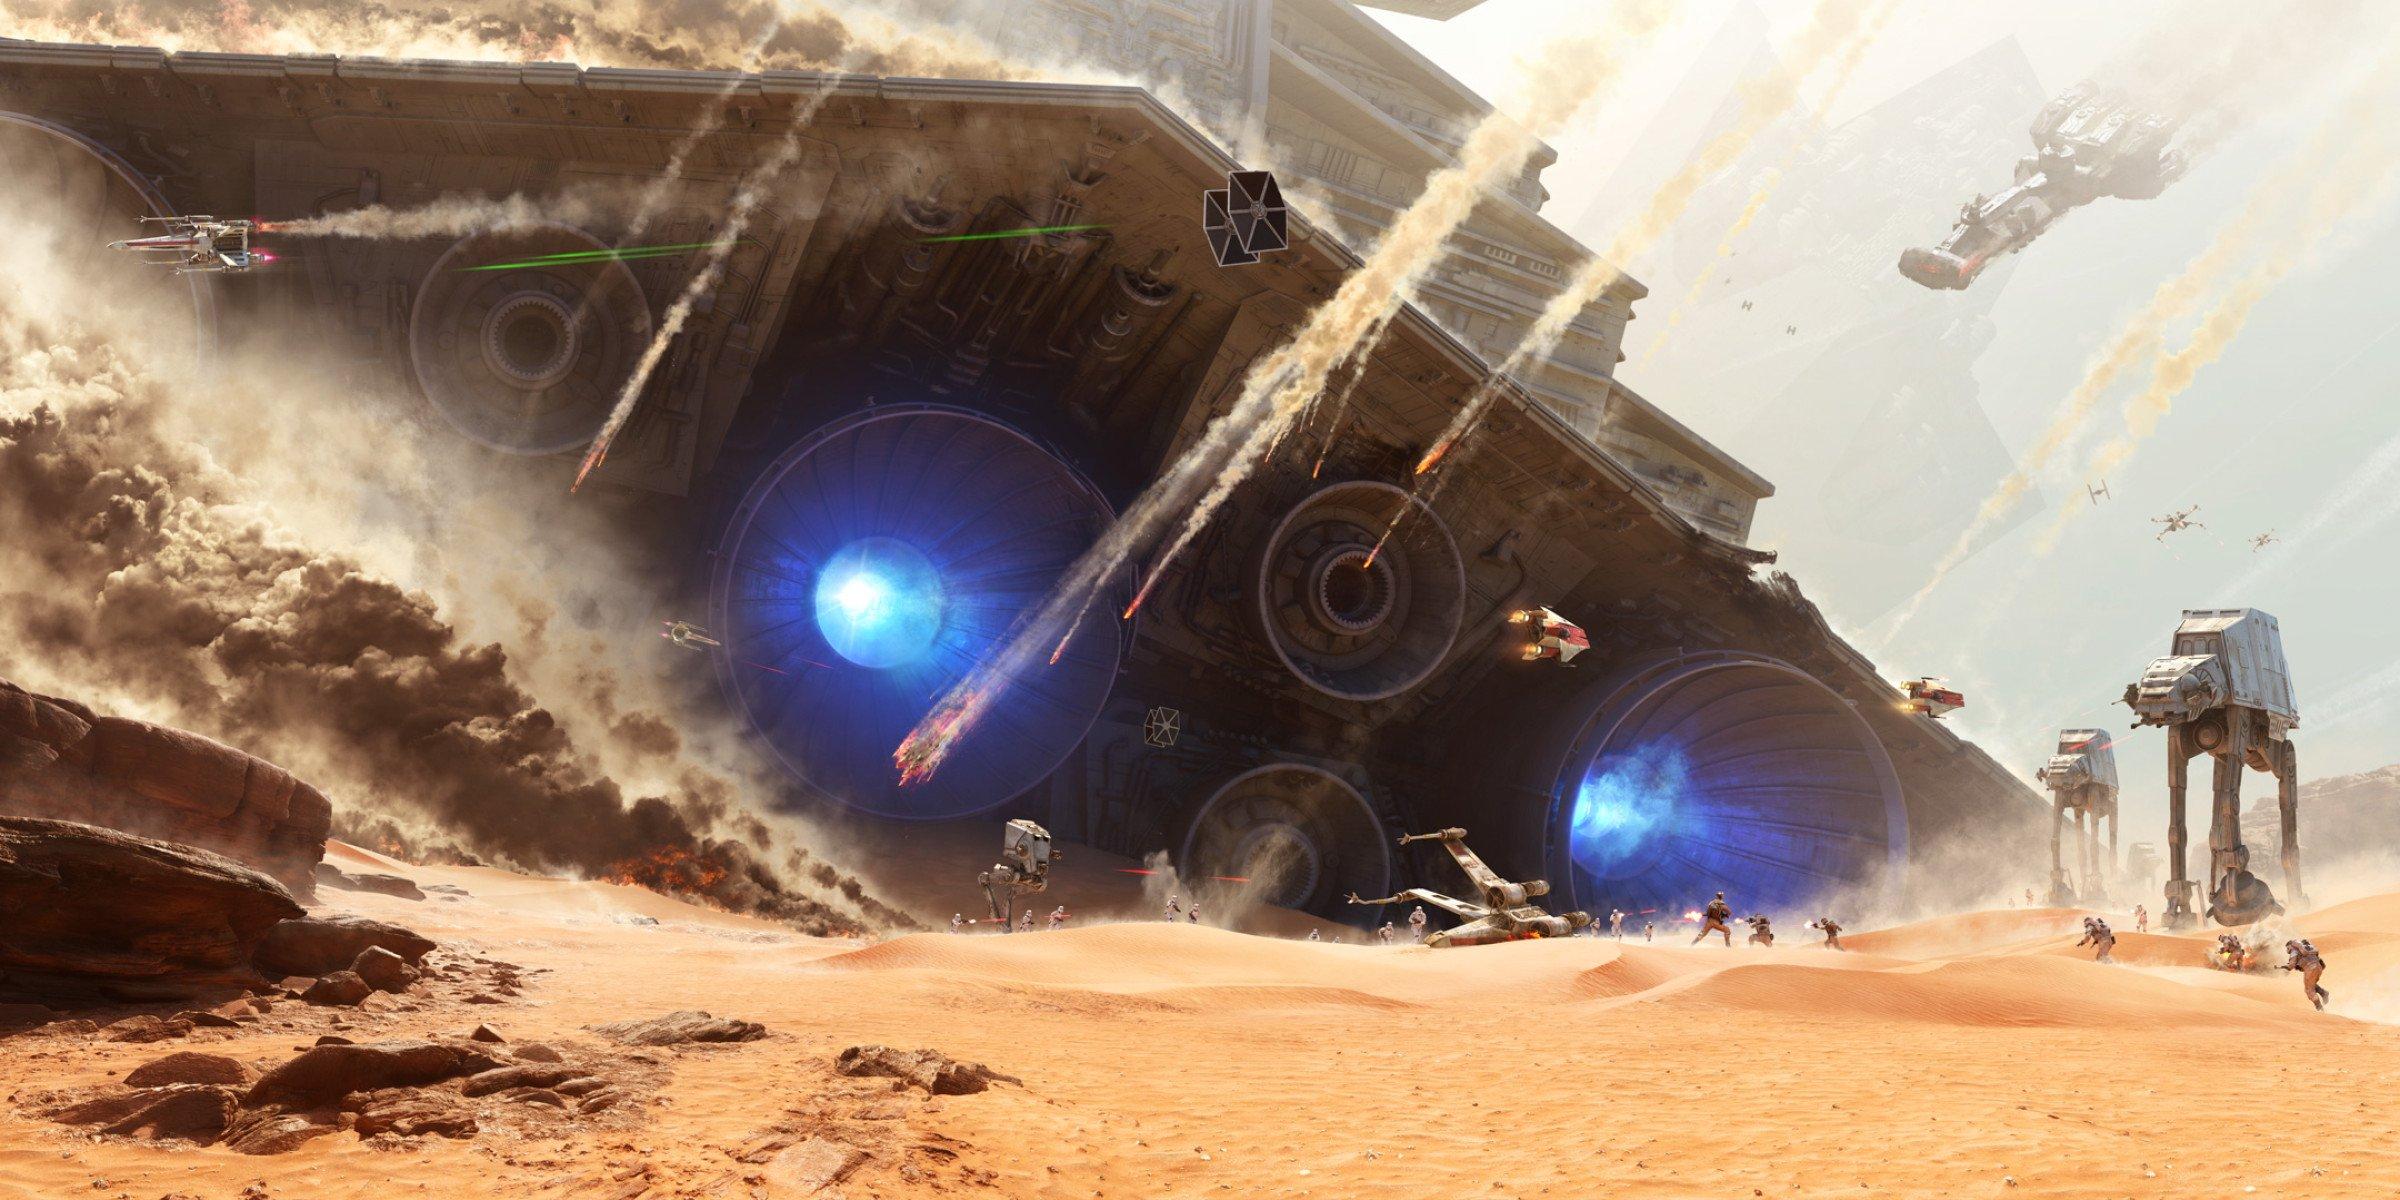 EA Previews the Battle of Jakku in Star Wars Battlefront 2400x1200